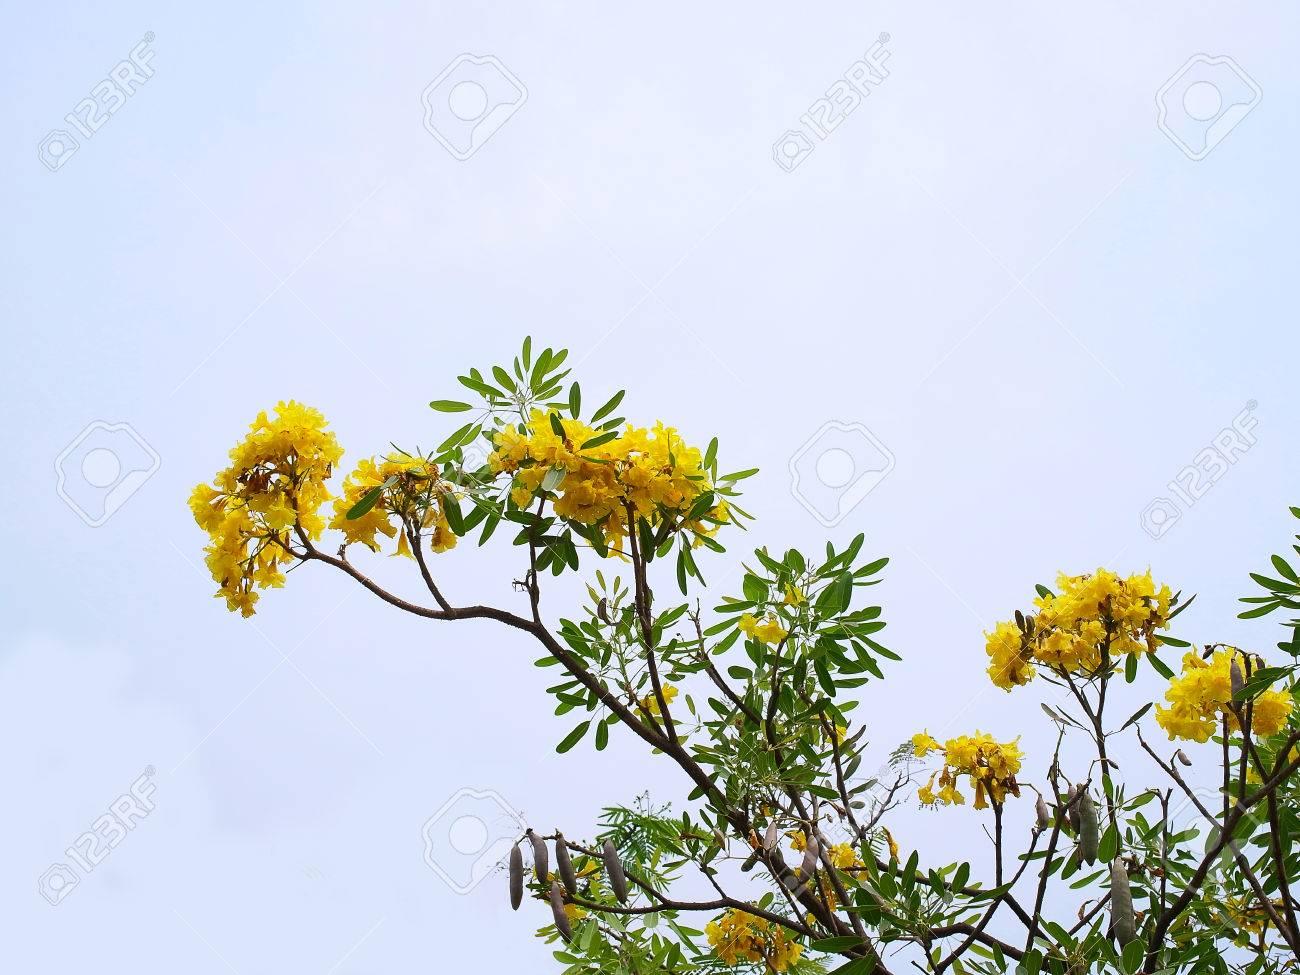 Arbusto A Fiori Gialli tongurai è un piccolo arbusto con fiori gialli, bordi seghettati di foglie  verdi e marroni baccelli di semi.